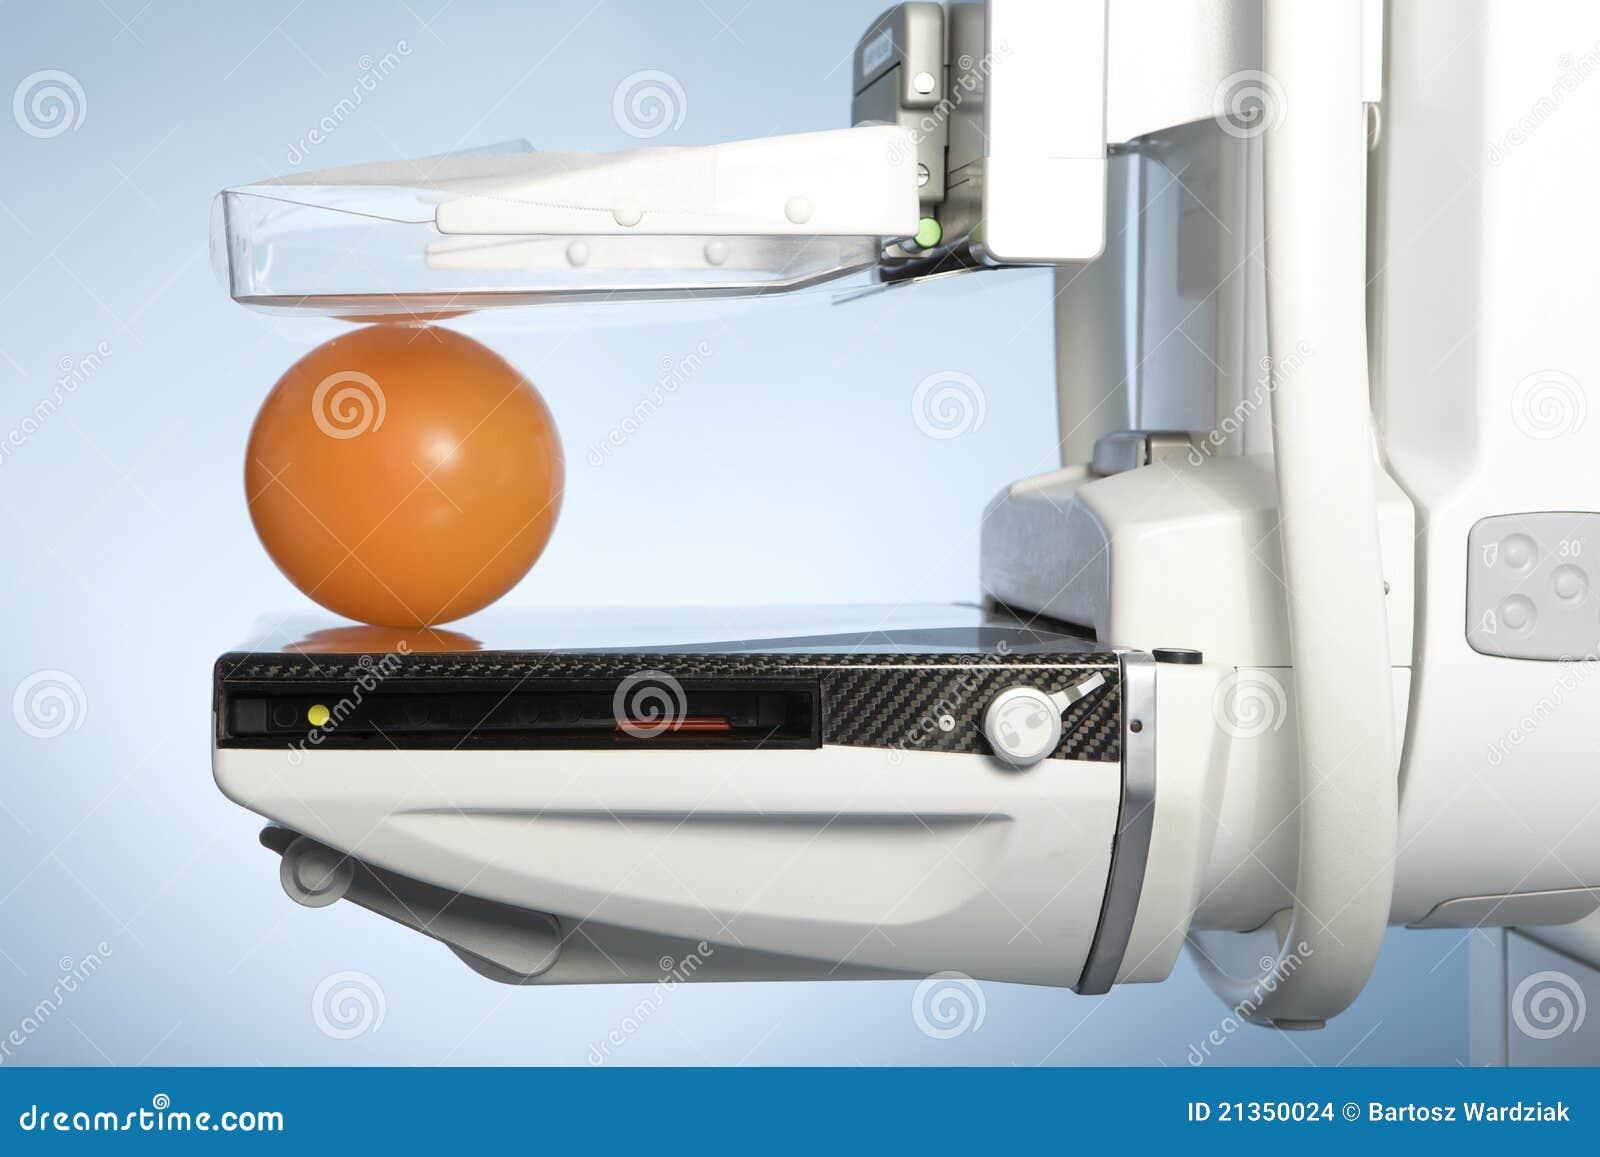 mammograph machine